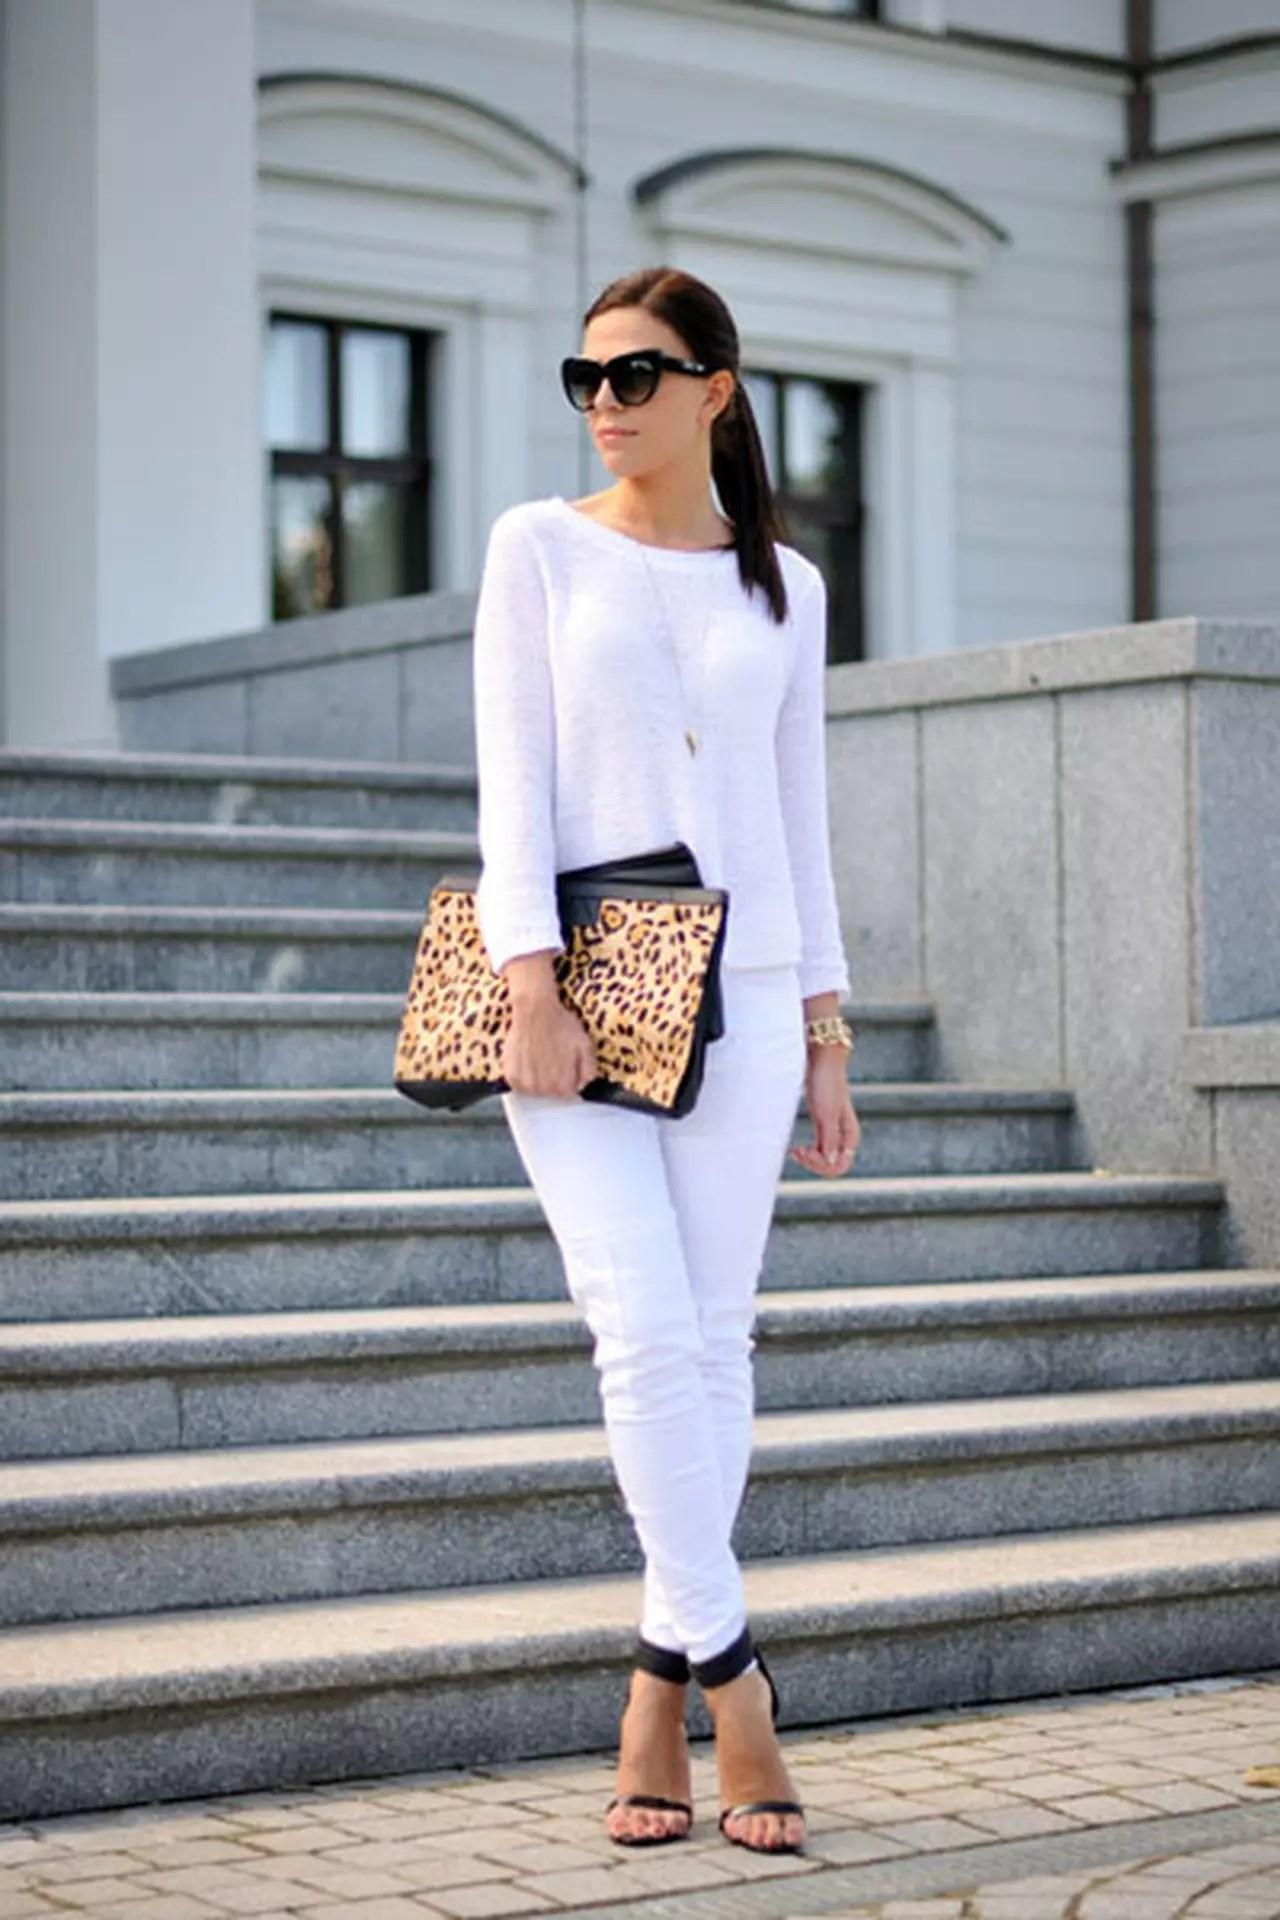 كيف ترتدين اللون الأبيض وتمنحيه حيوية بالألوان الأخرى